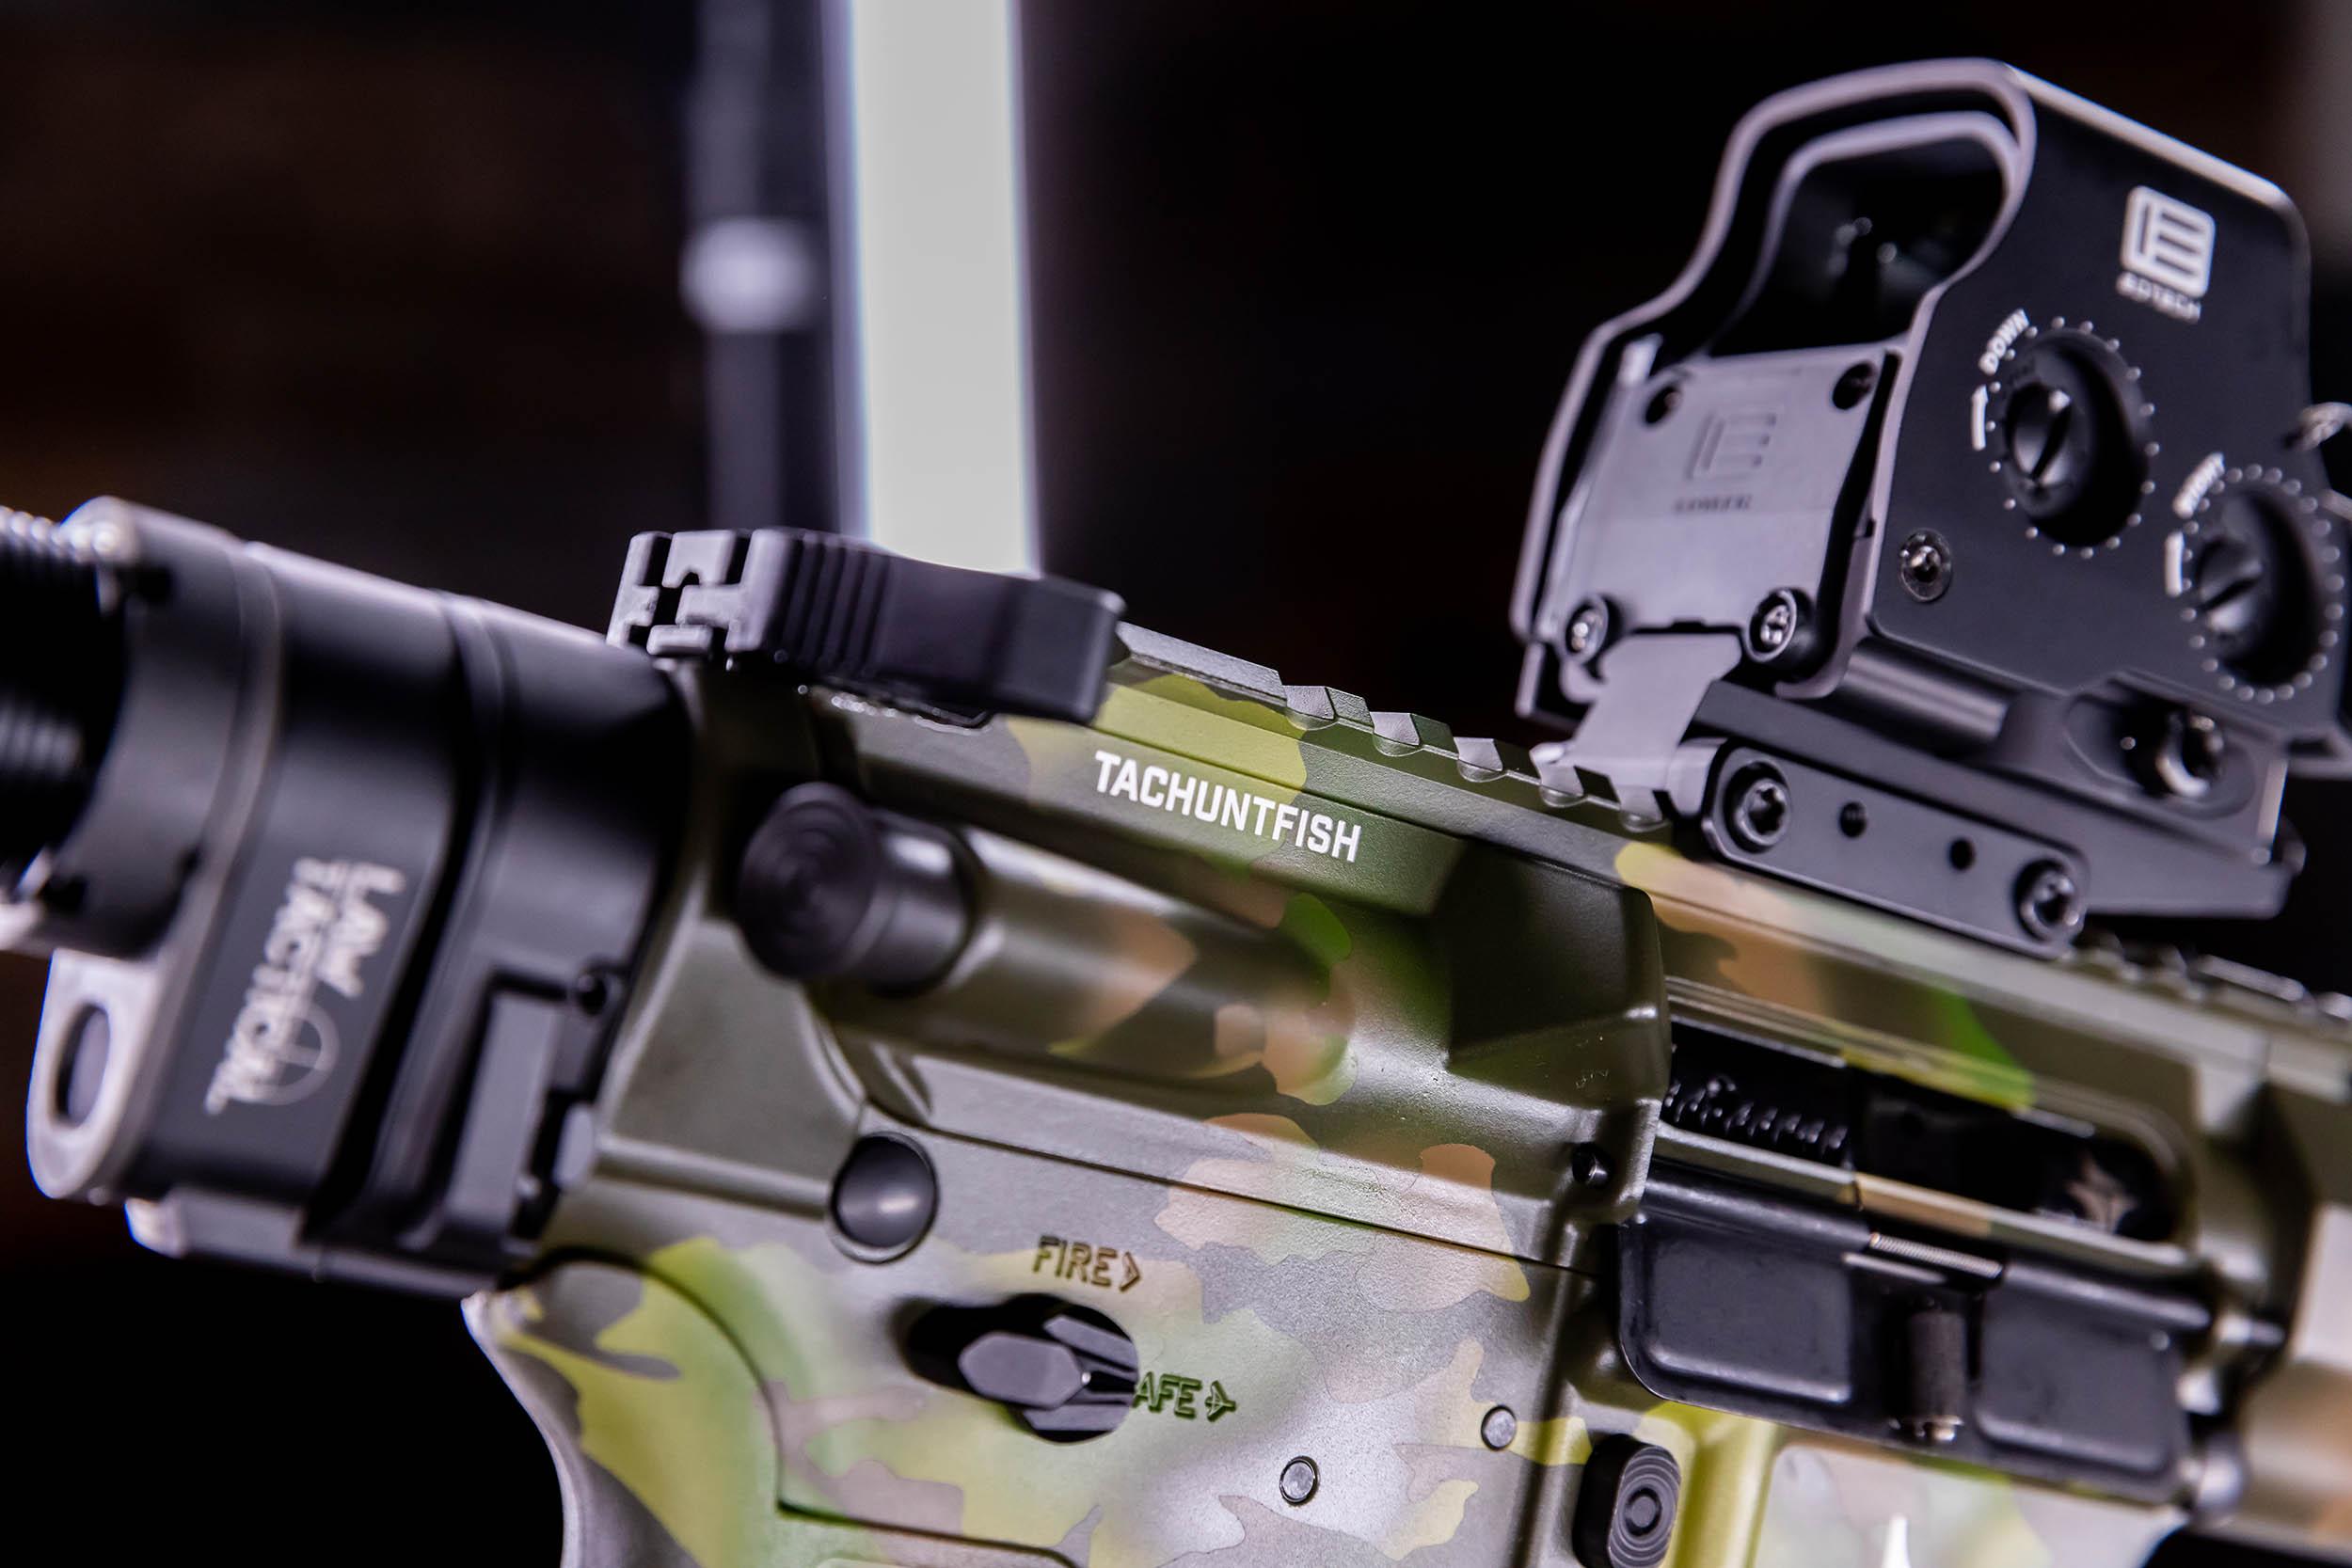 triarc system tachuntfish el jefe 300 blackout pistol